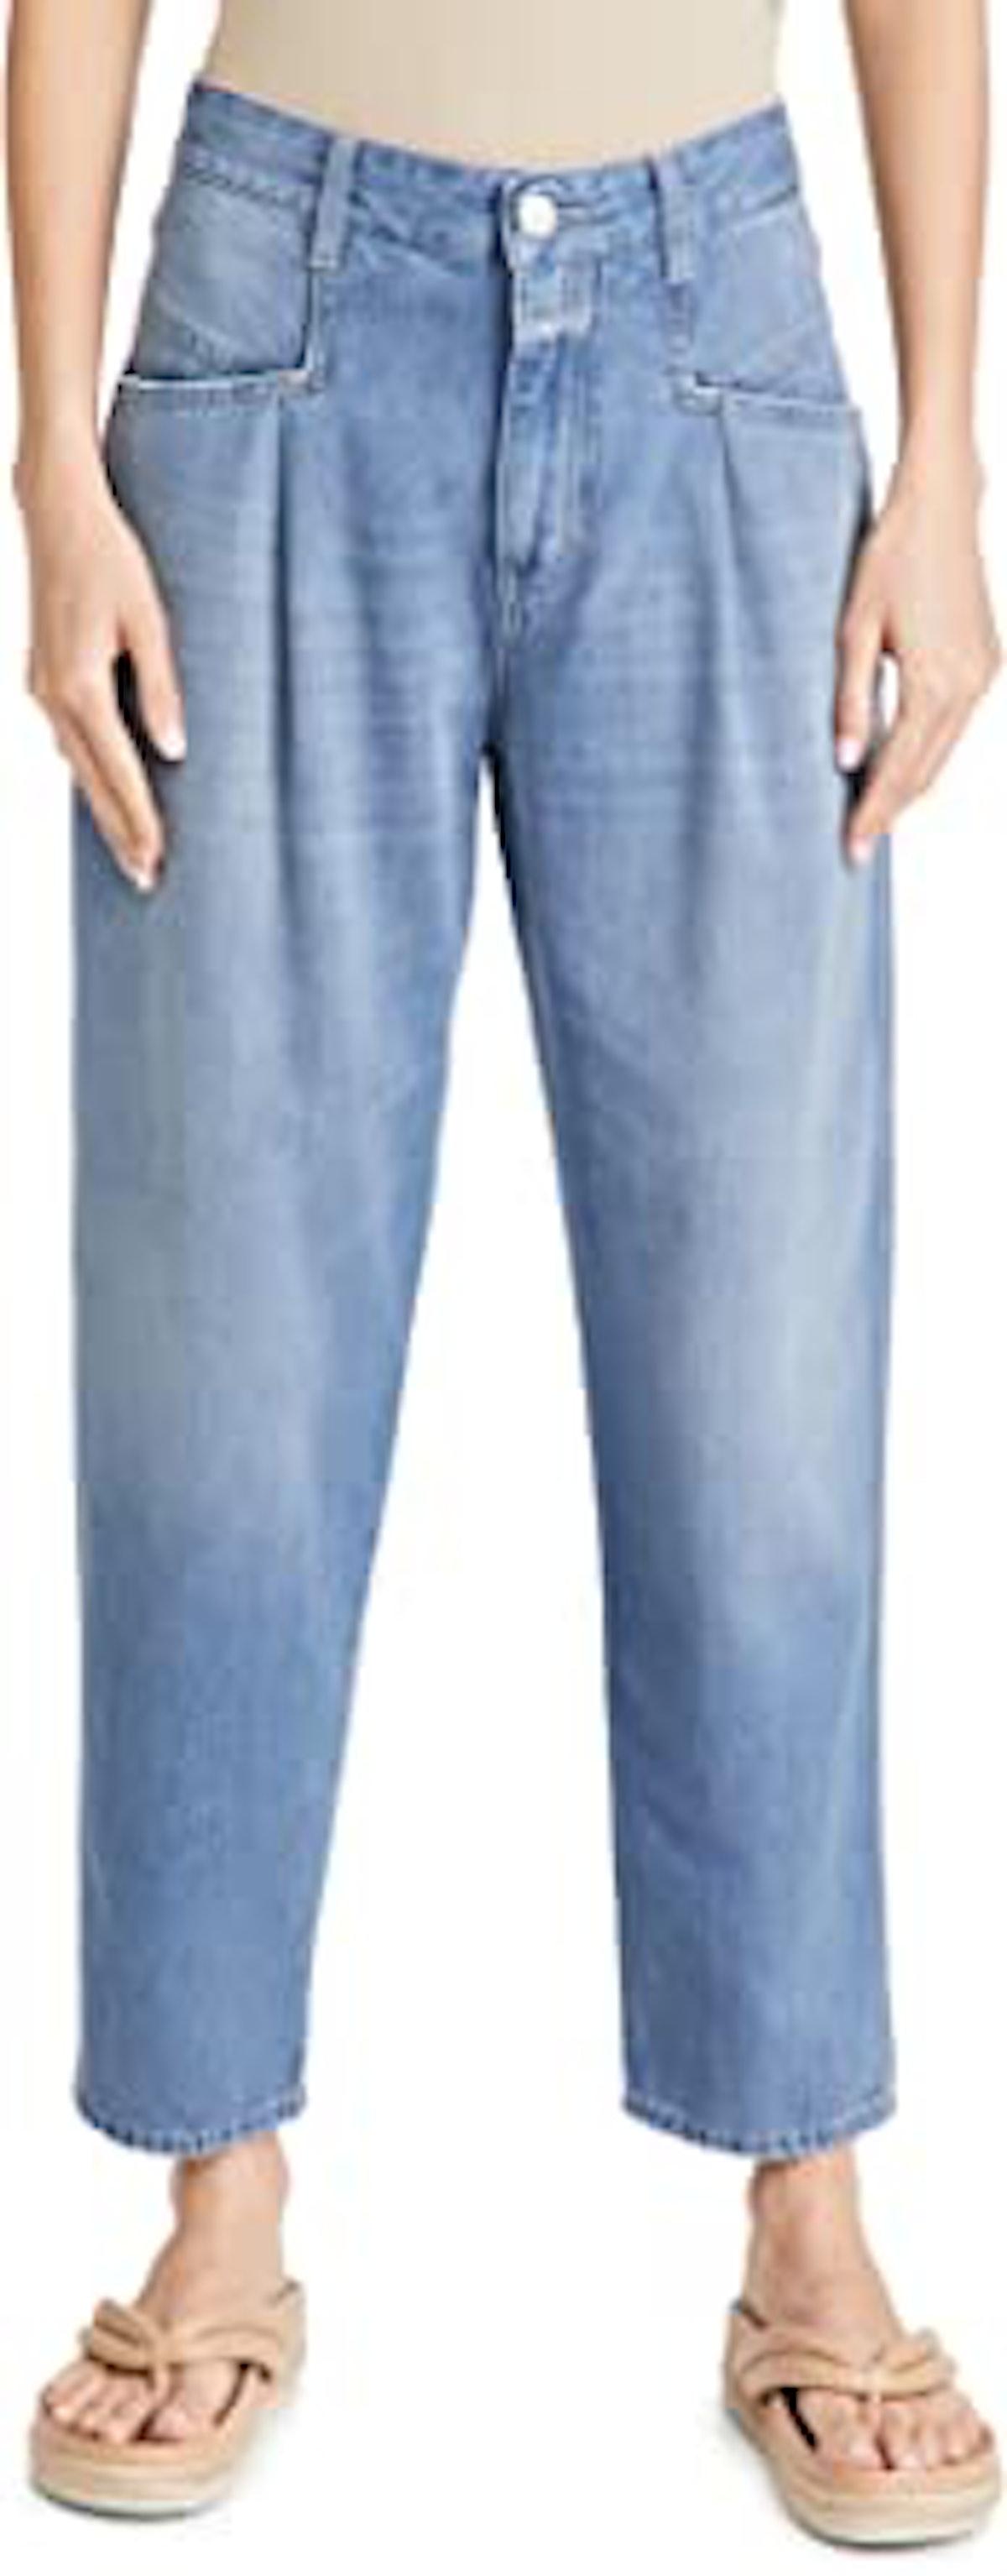 Women's Pearl Jeans